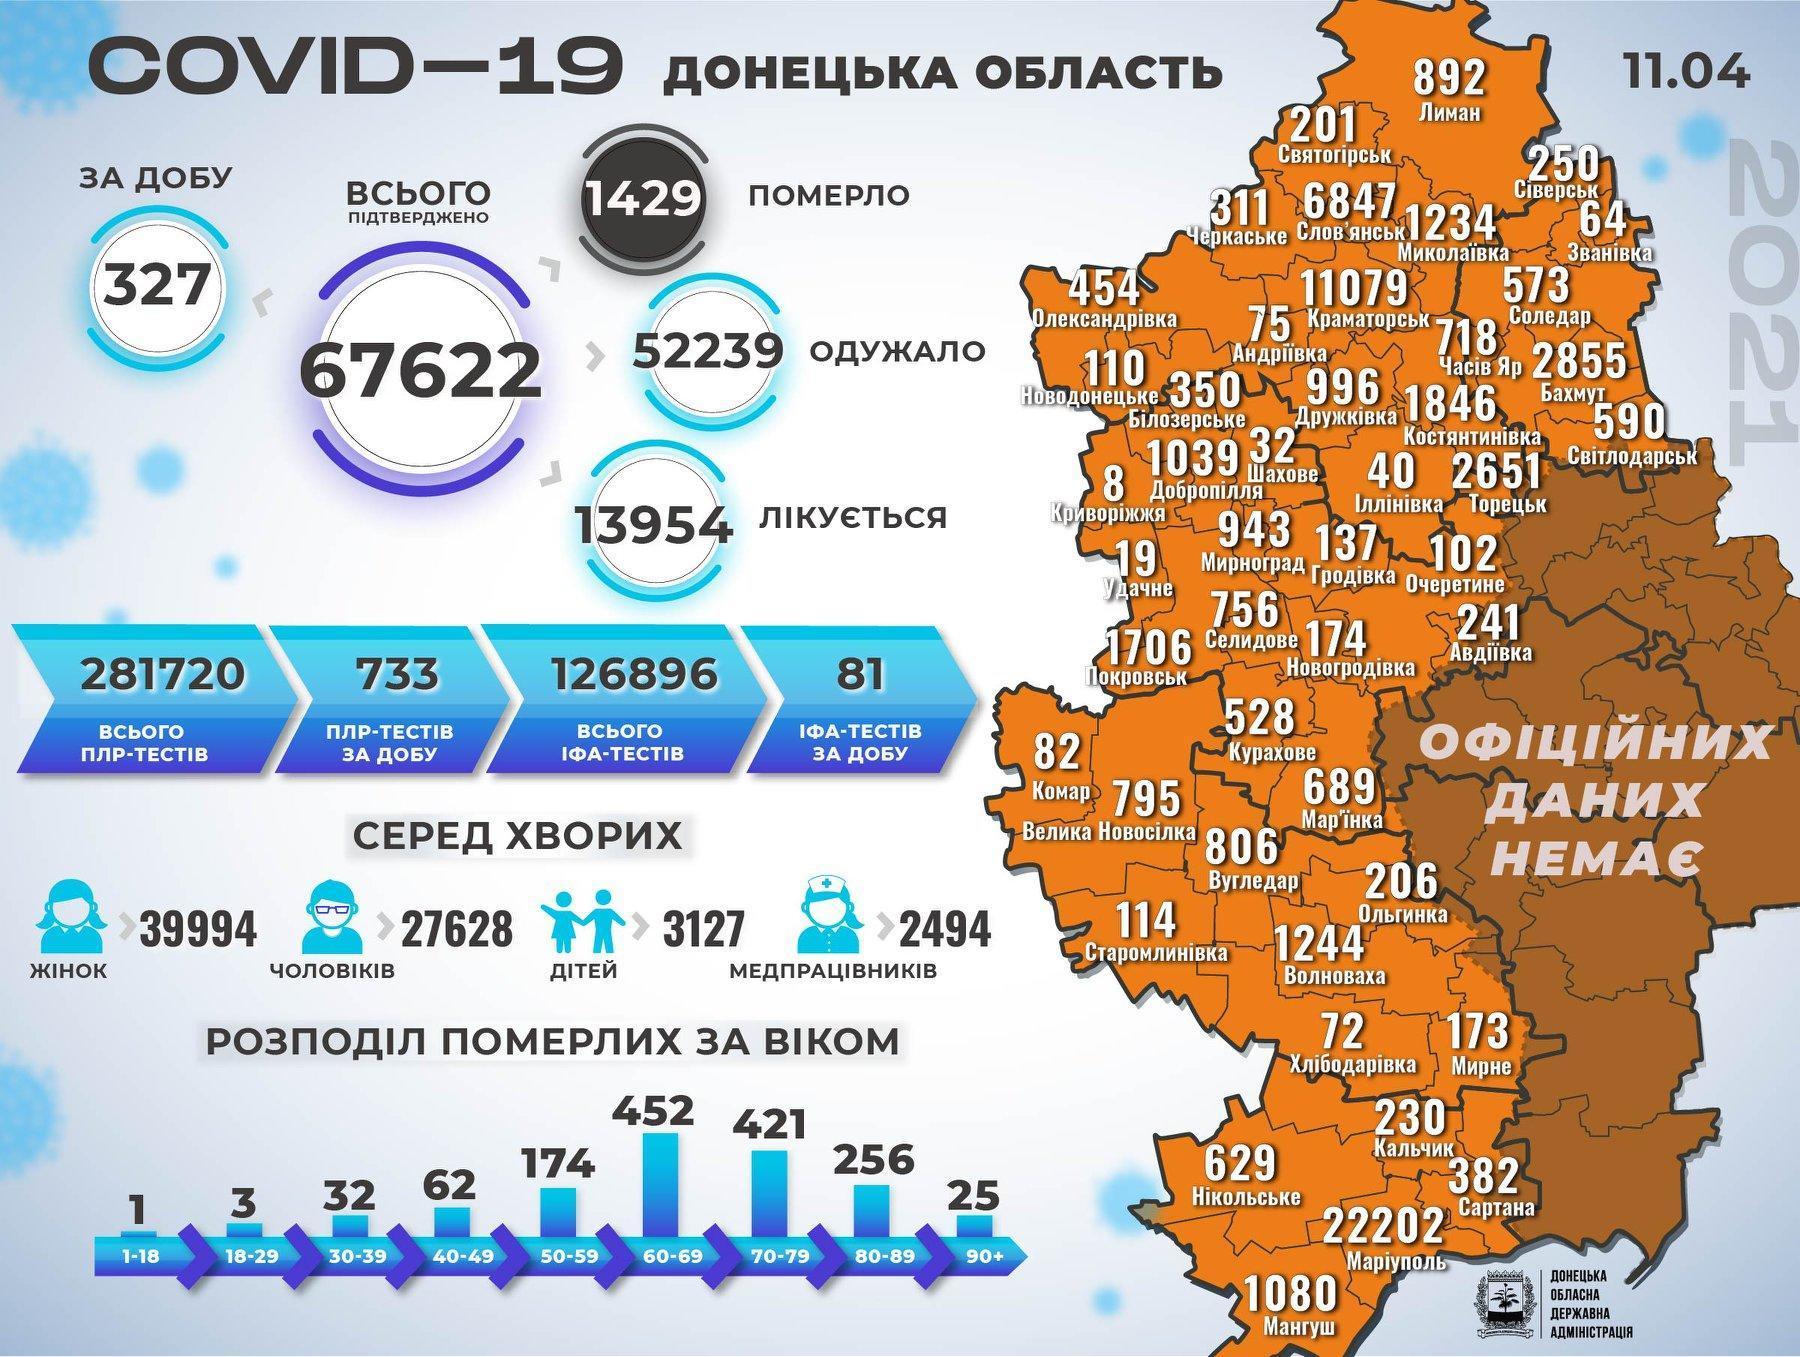 Статистика коронавируса в Донецкой области по состоянию на 12 апреля